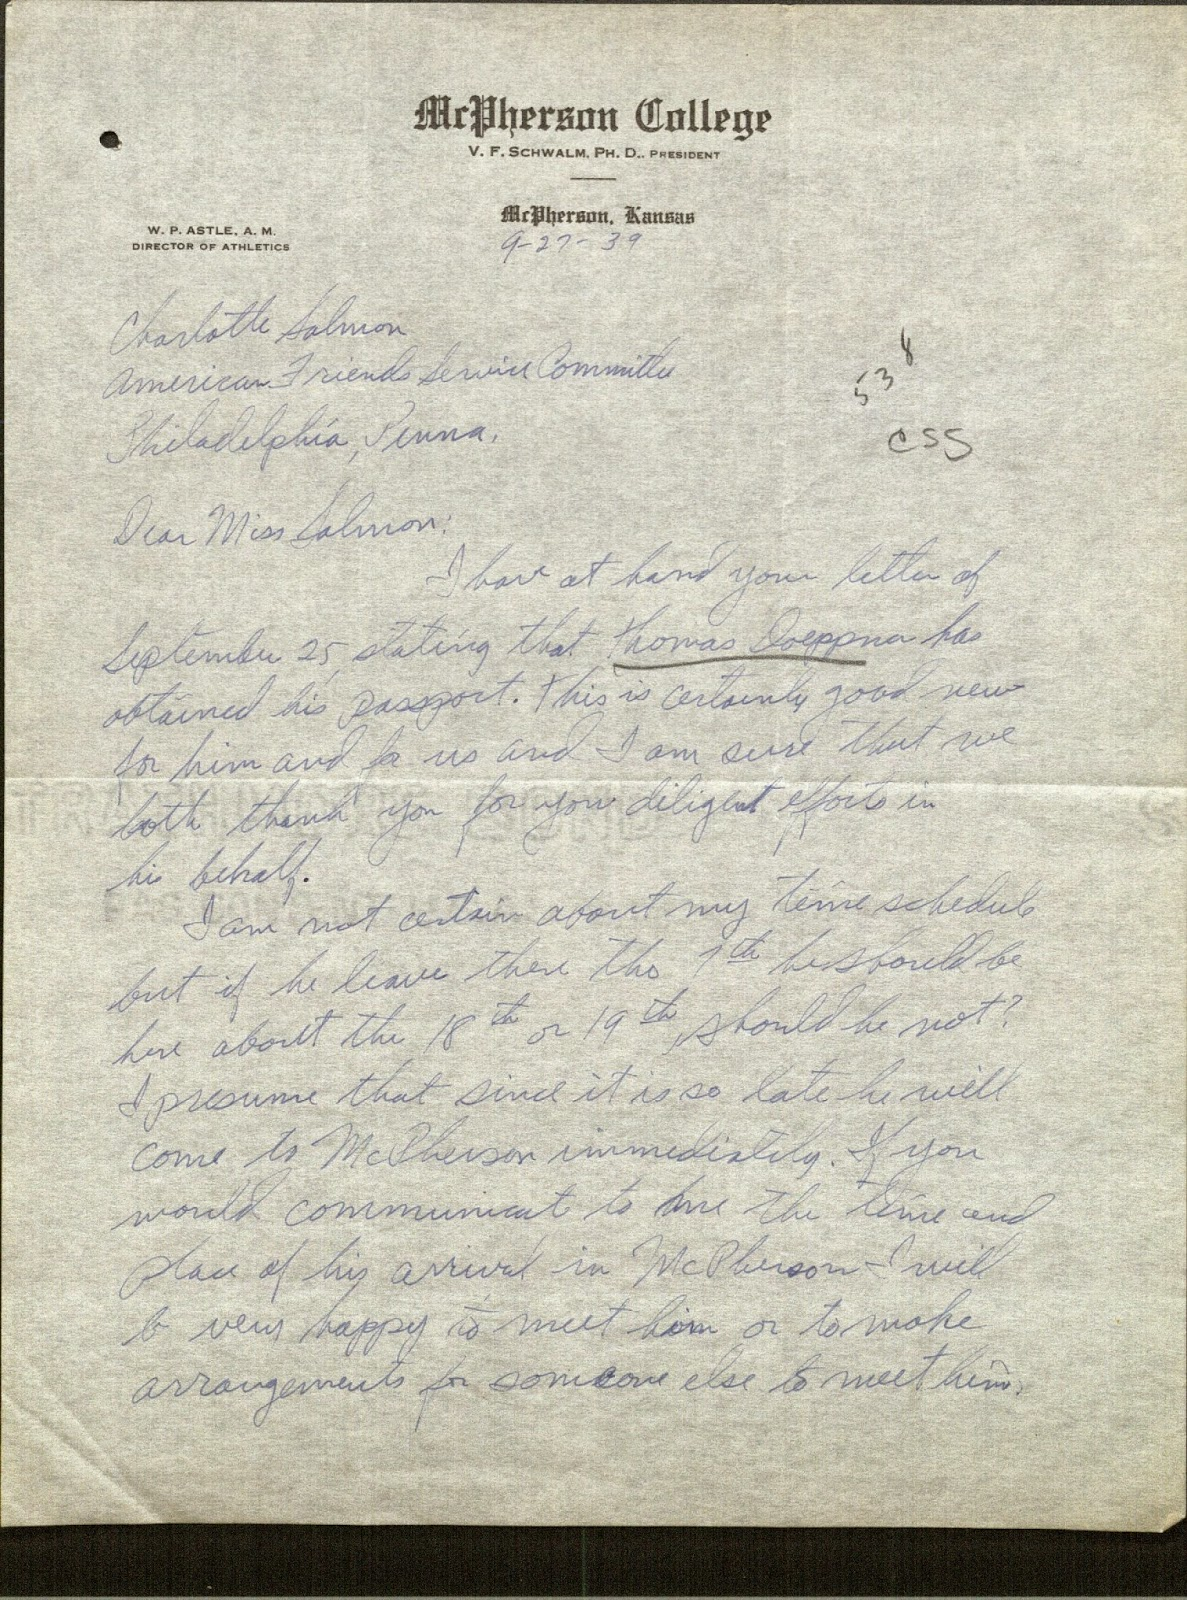 We're Not in Kansas Anymore: September 27, 1939: Hospitality